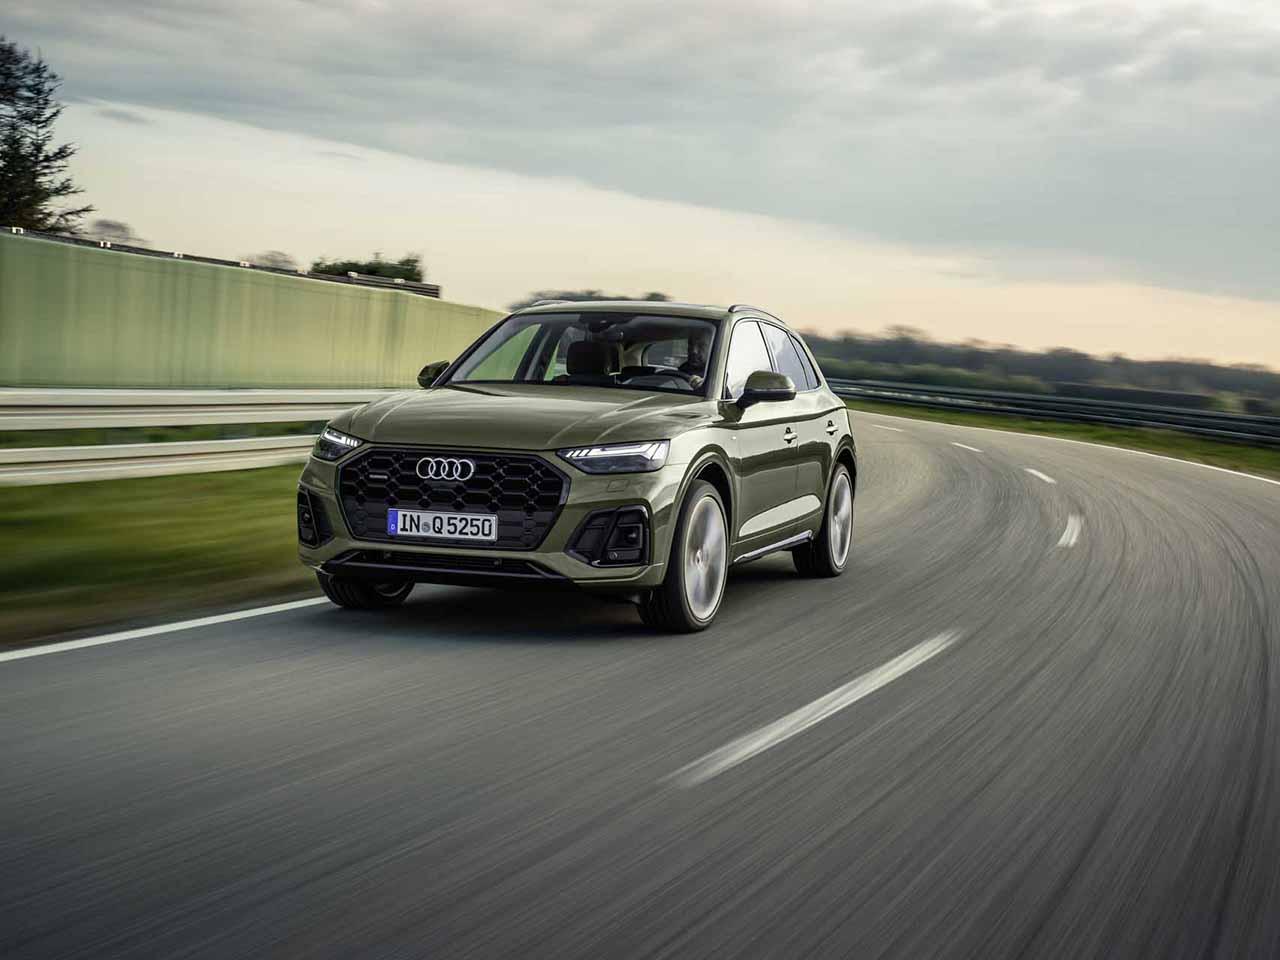 2021MY Audi Q5 facelift